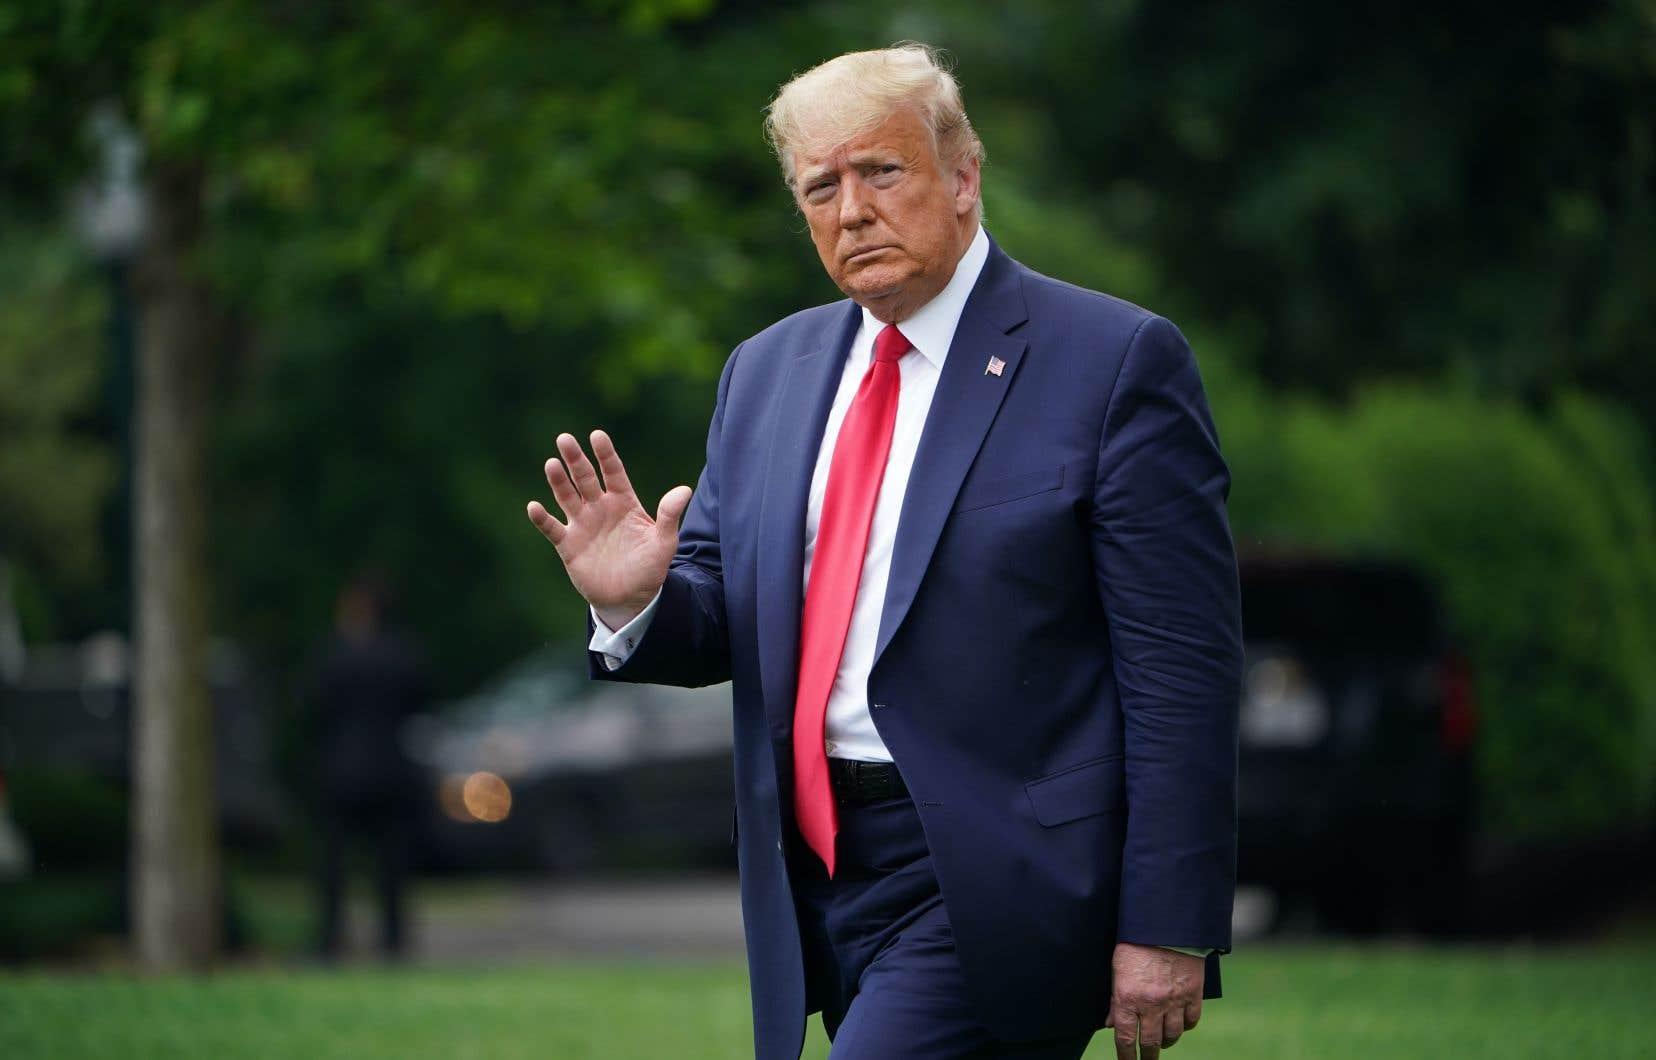 Le président Trump a assuré vendredi que les États-Unis avaient «largement surmonté» la crise, se basant sur les bons chiffres du chômage.